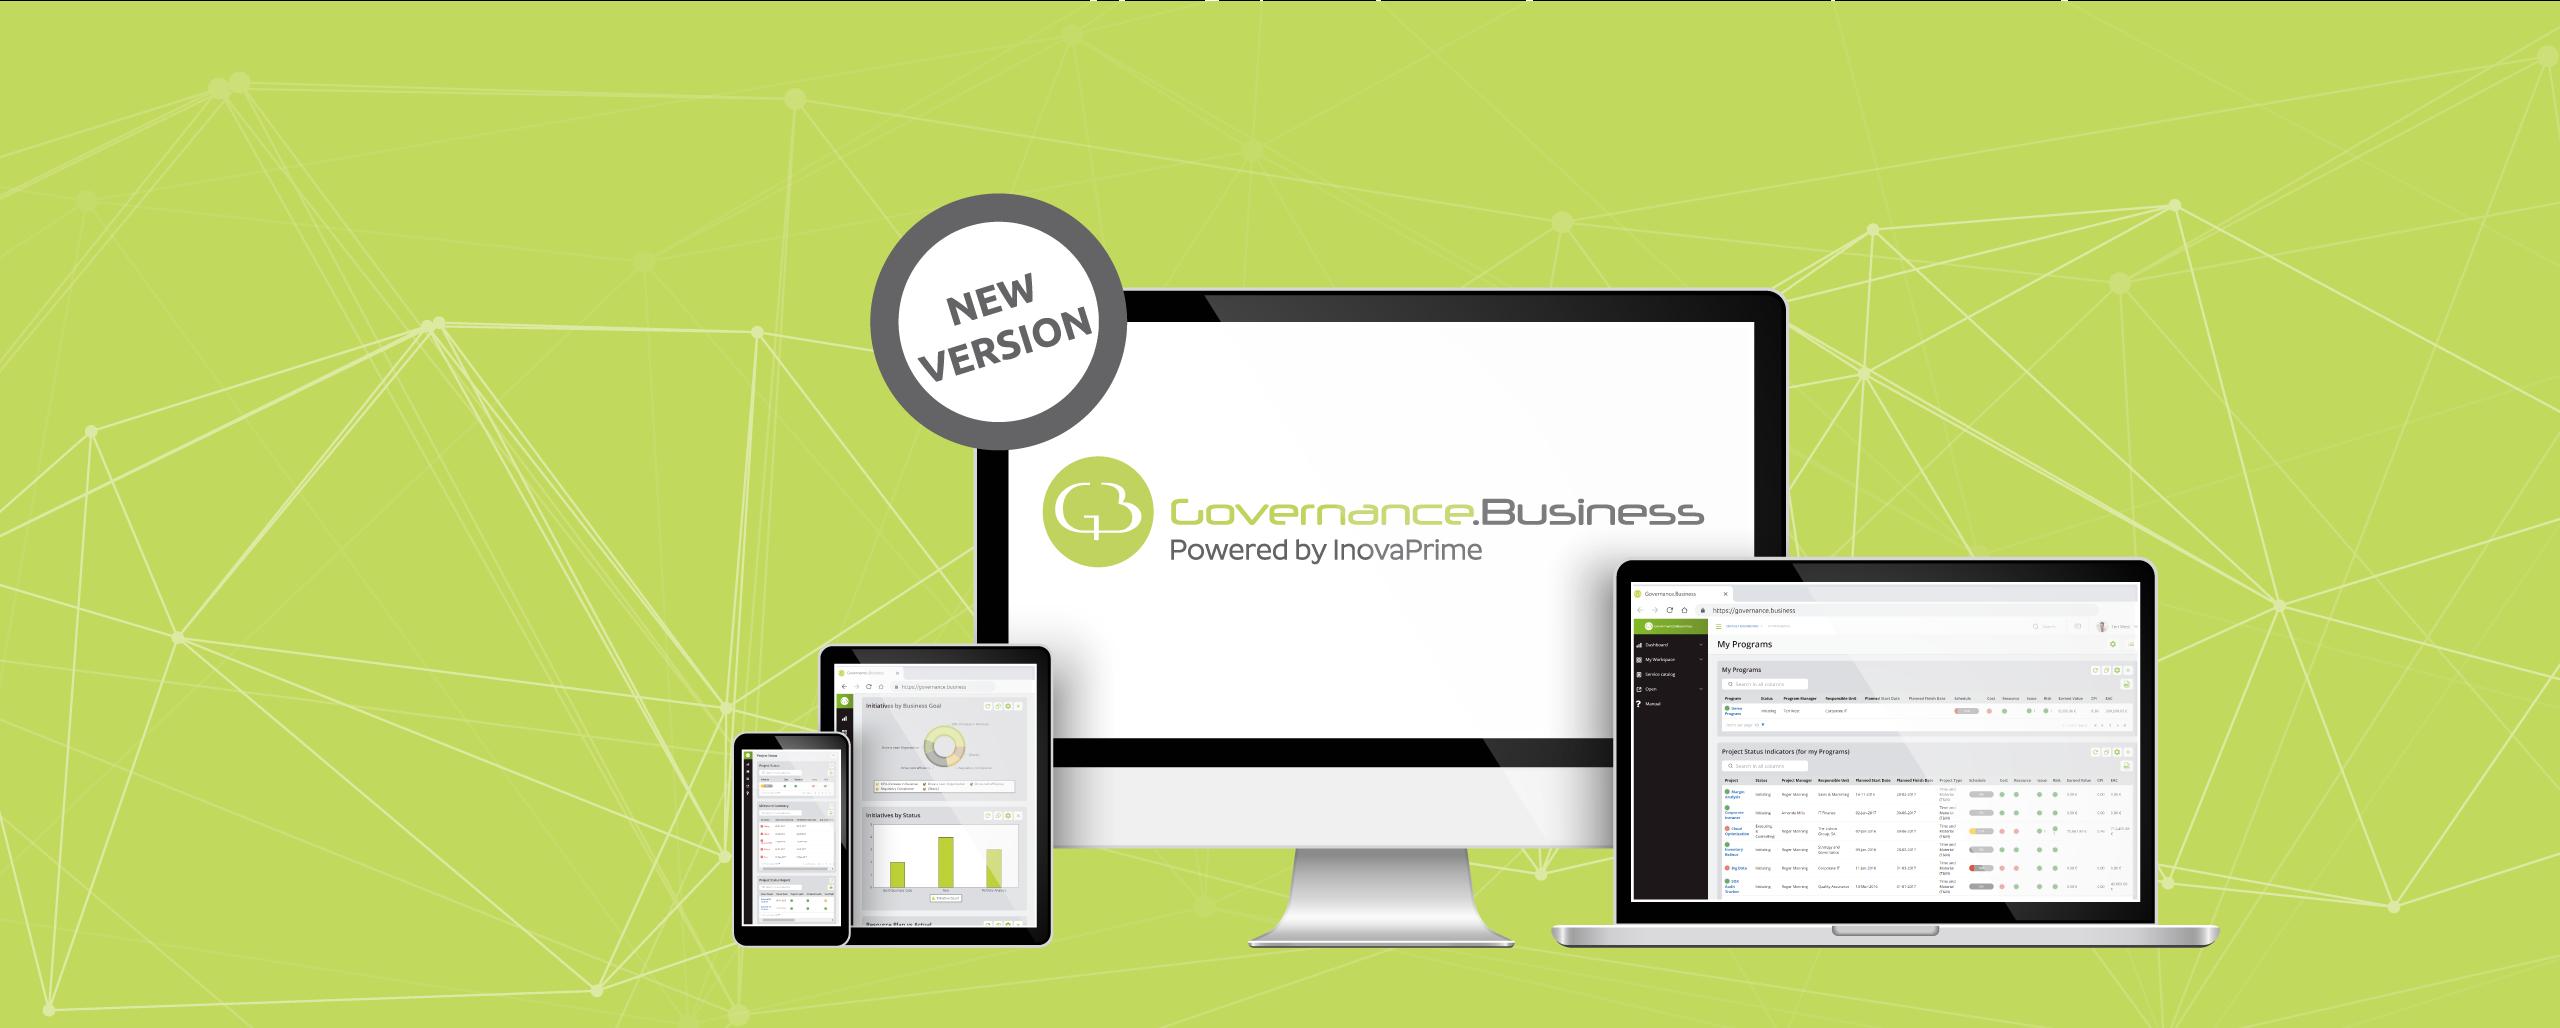 InovaPrime Prepara o Lançamento da Nova Versão do Governance.Business em Evento Exclusivo